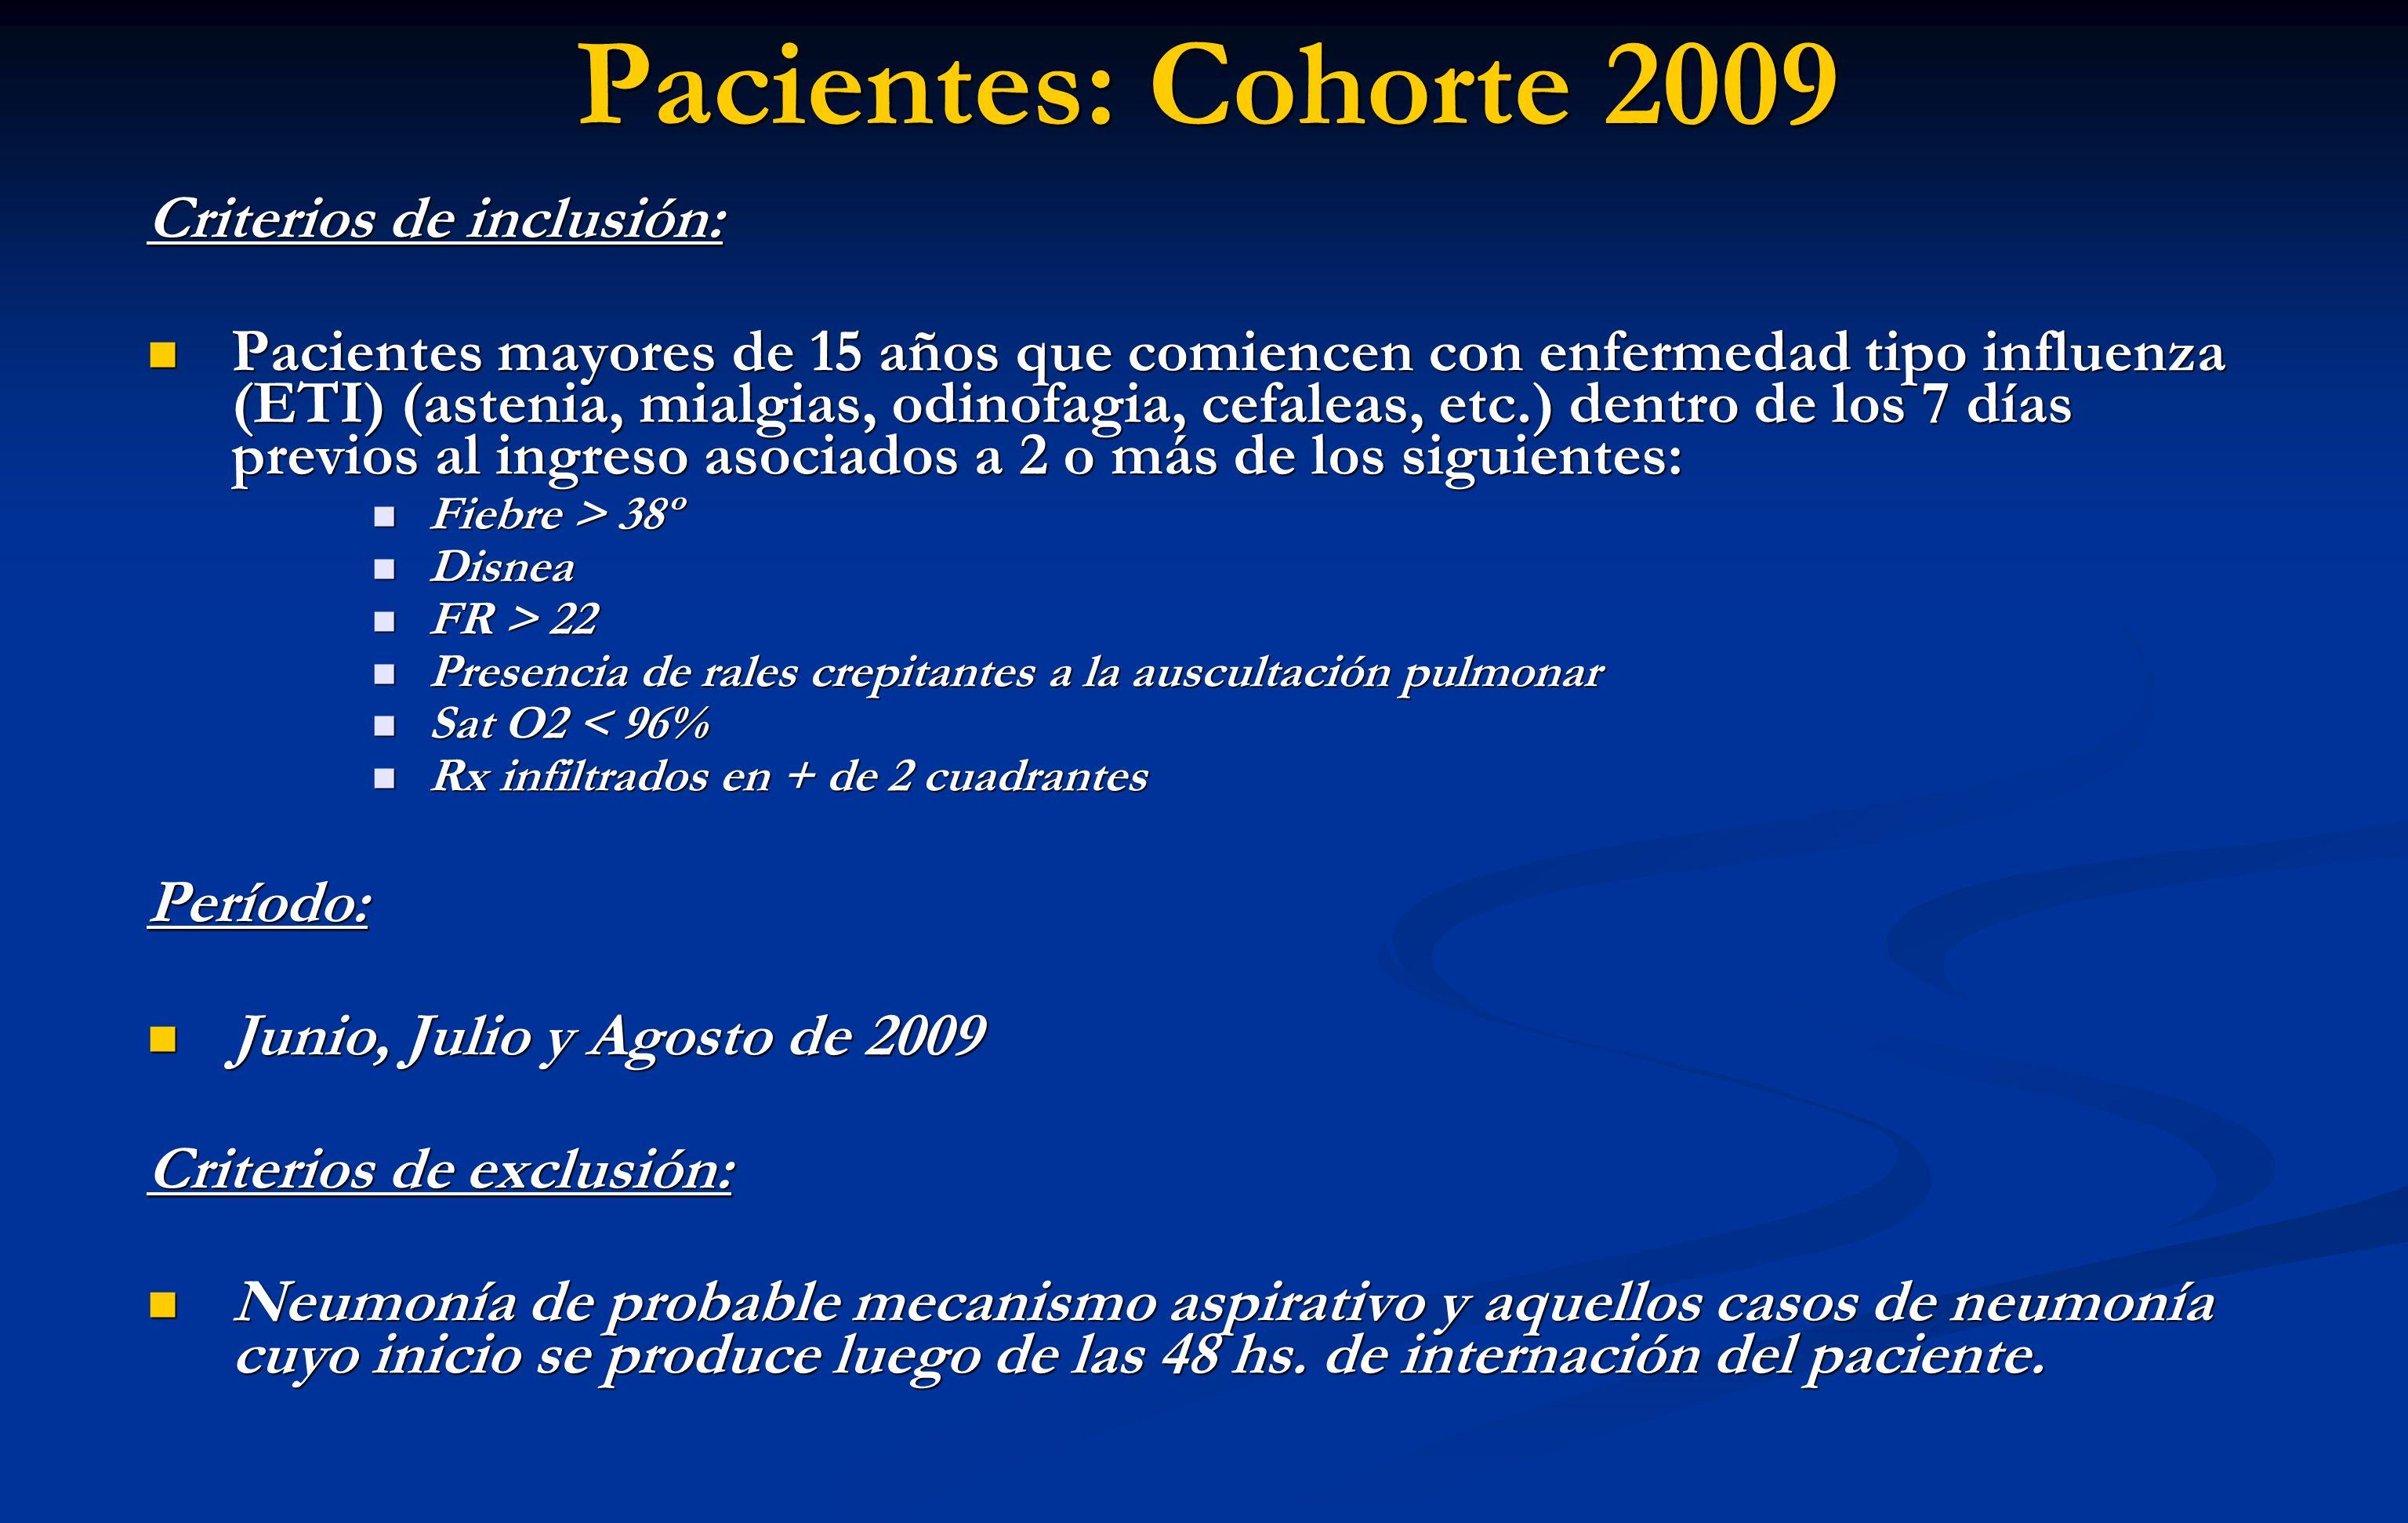 Pacientes: Cohorte 2009 Criterios de inclusión: Pacientes mayores de 15 años que comiencen con enfermedad tipo influenza (ETI) (astenia, mialgias, odi